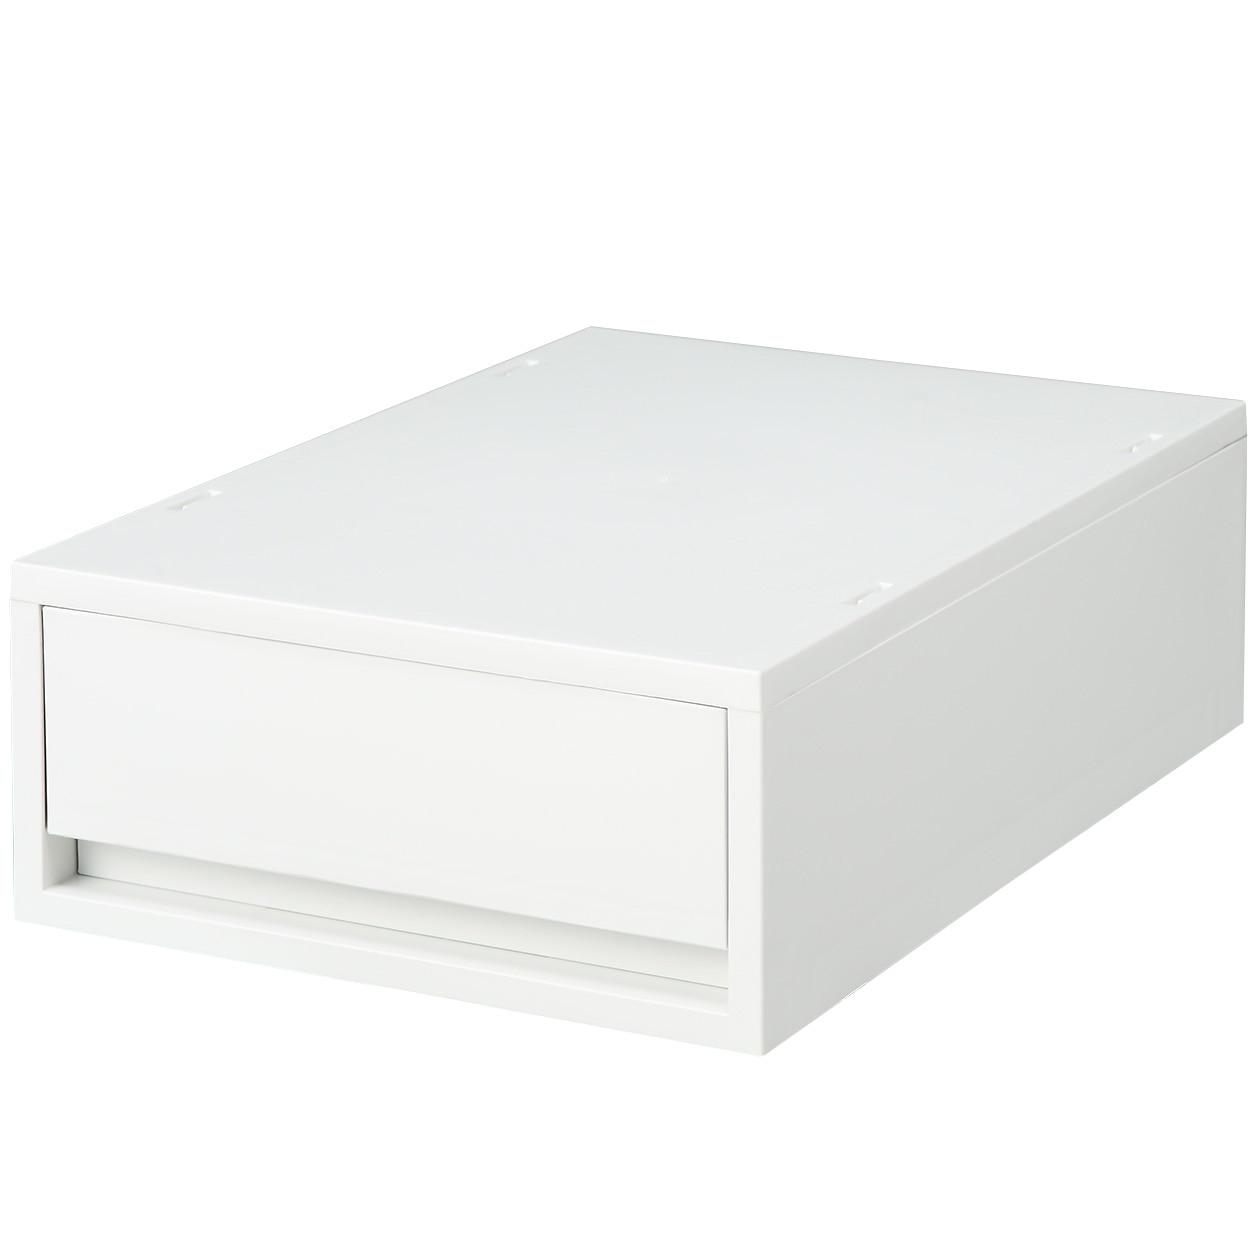 RoomClip商品情報 - ポリプロピレンケース・引出式・浅型・ホワイトグレー ホワイトグレー